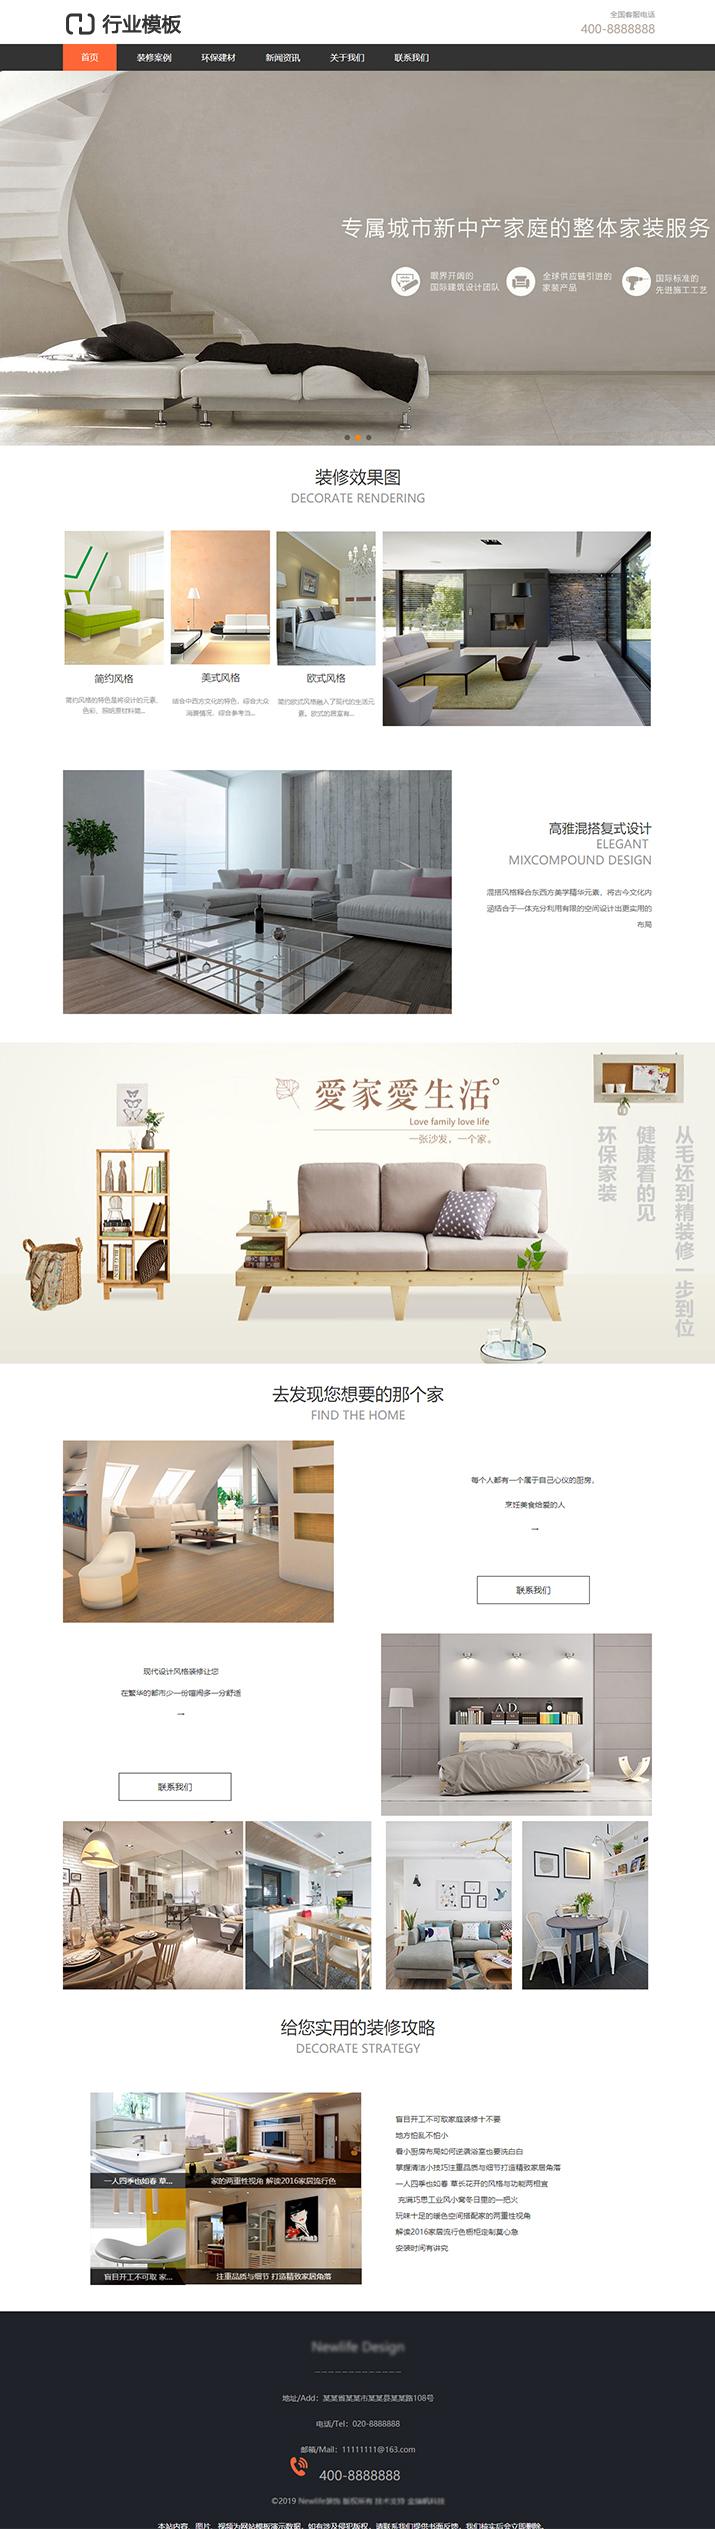 原创装饰装潢网页模板